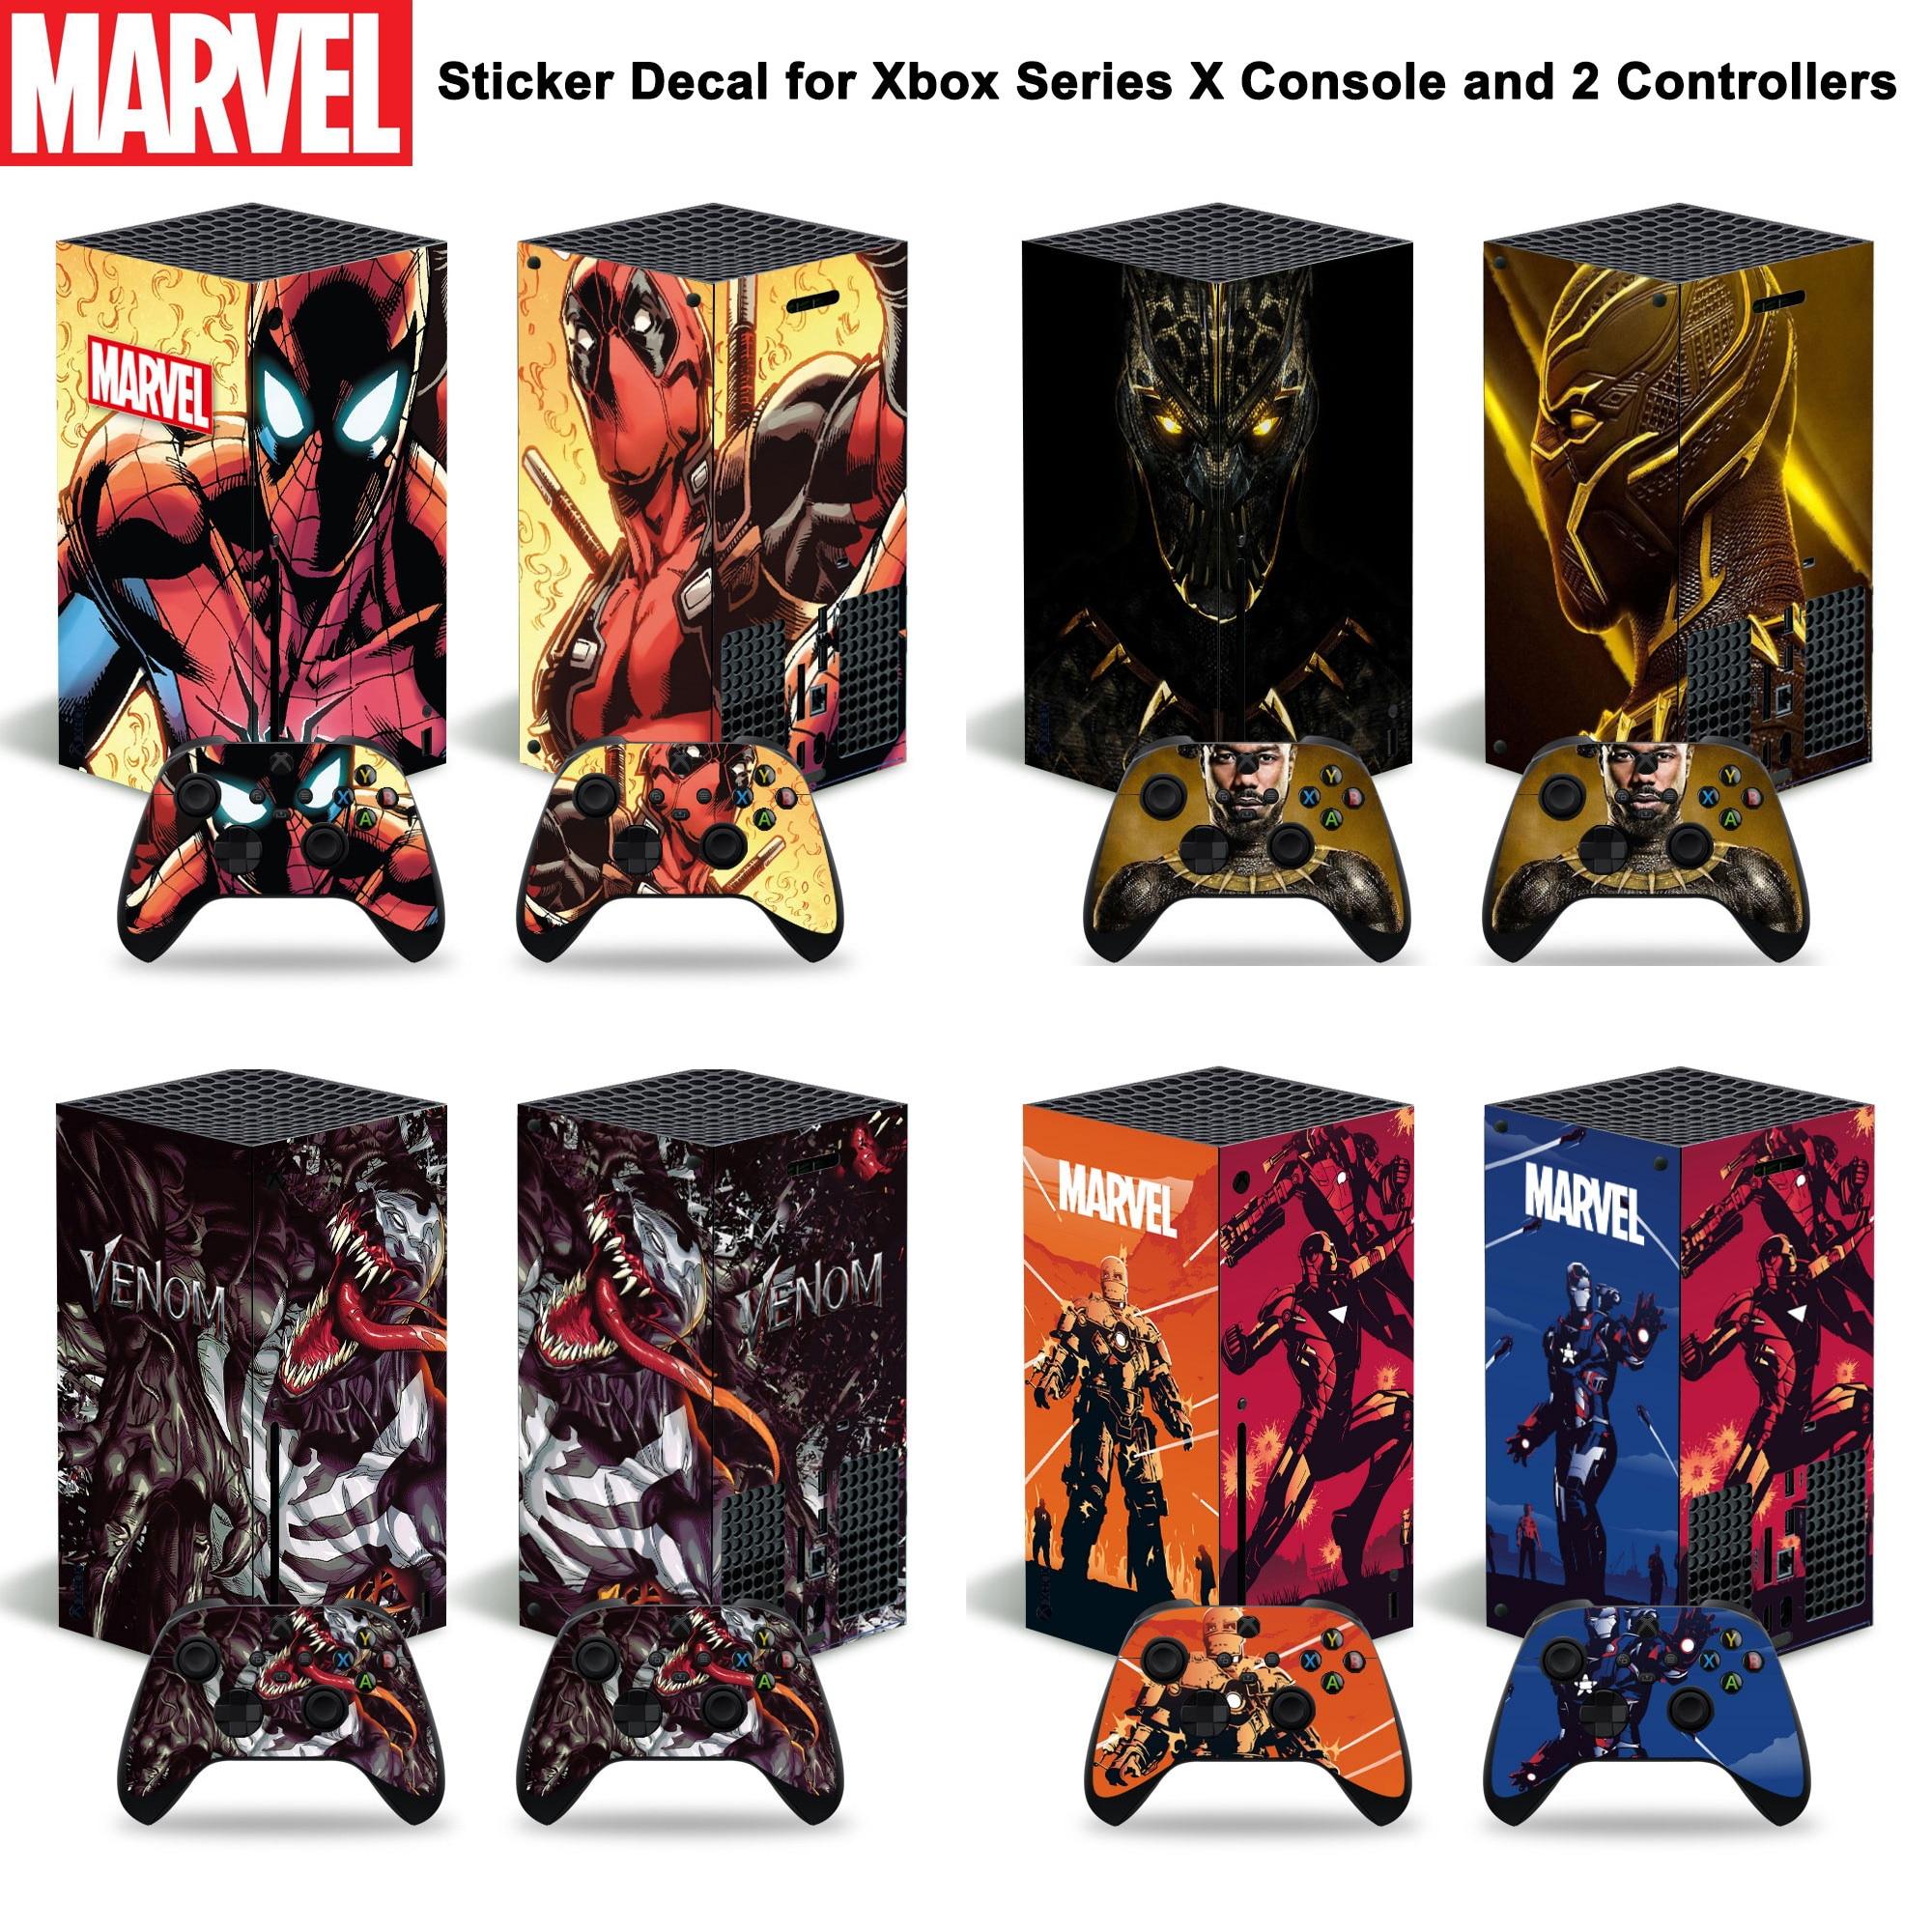 مارفل الرجل الحديدي ديدبول الجلد ملصق مائي غطاء ل Xbox سلسلة X وحدة التحكم و 2 وحدات تحكم Xbox سلسلة X الجلد ملصق الفينيل